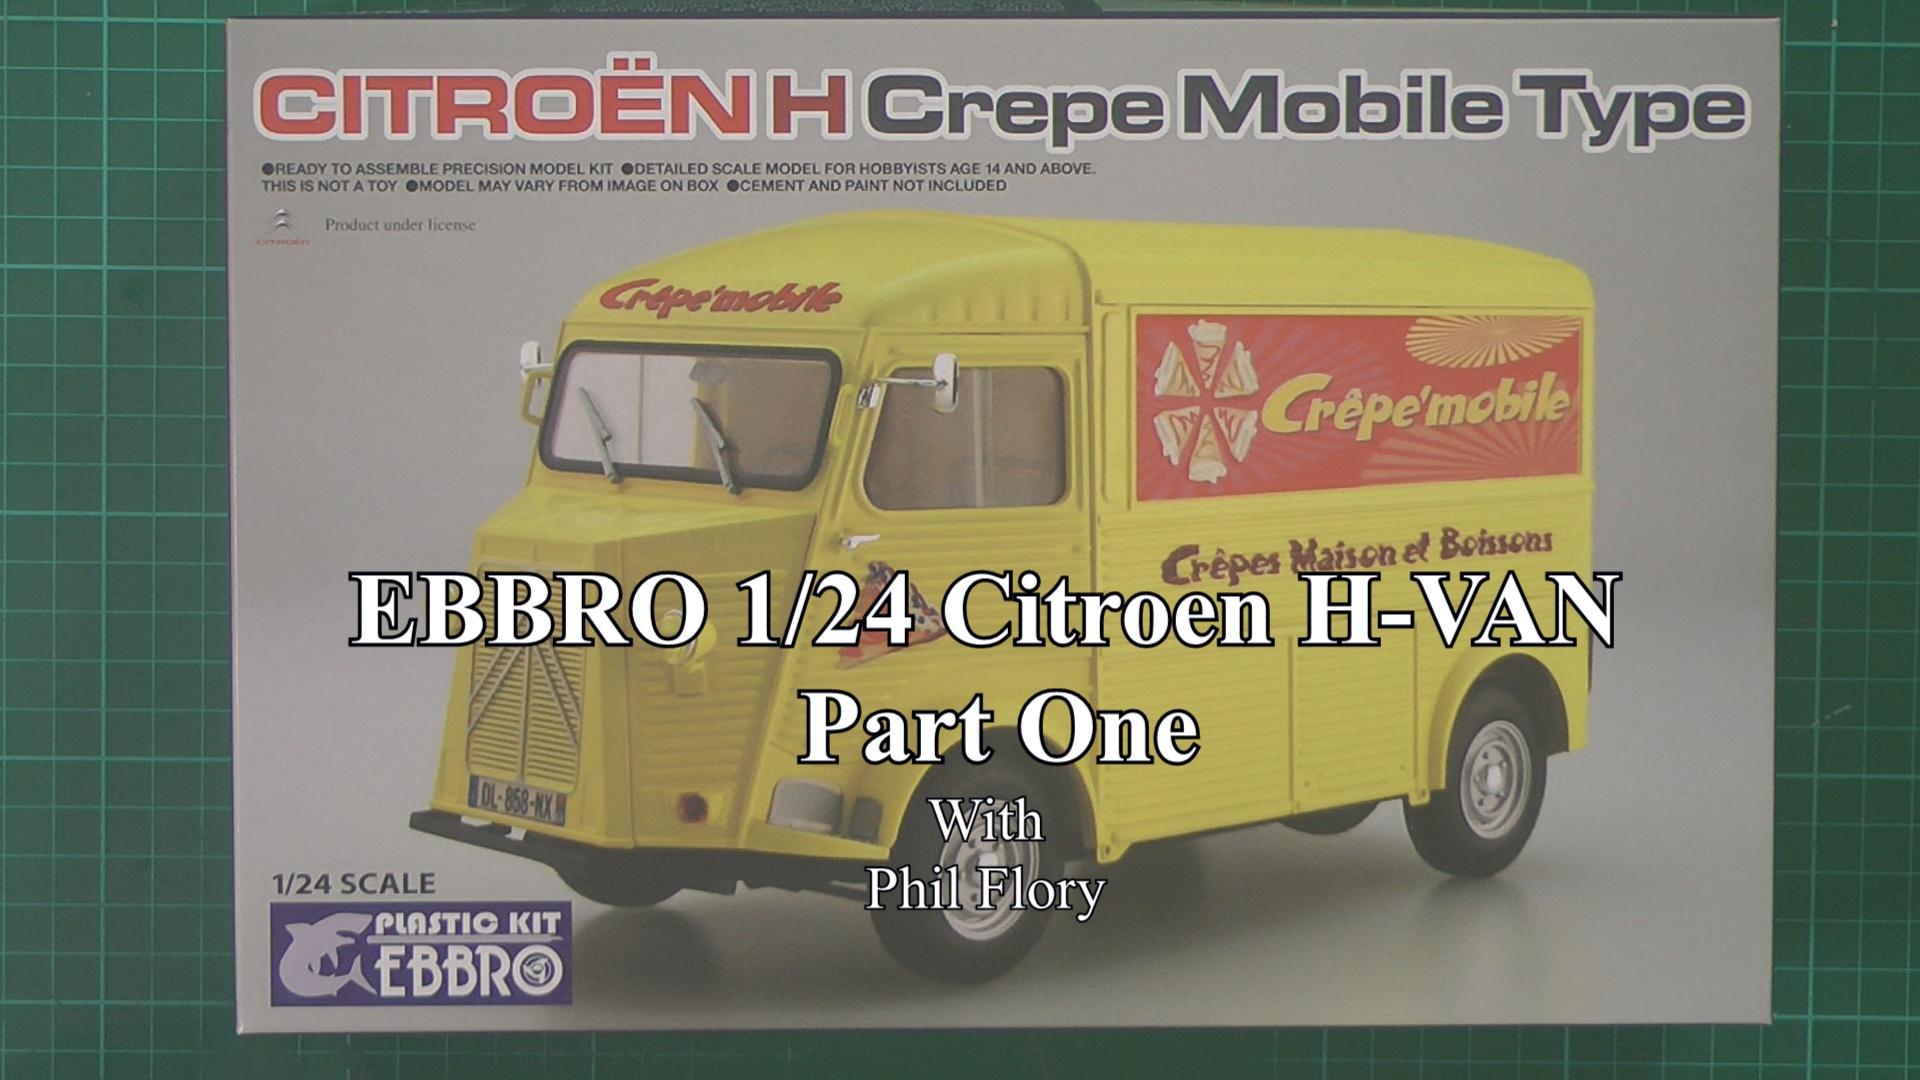 EBBRO Citroen H-VAN Part 1.jpg